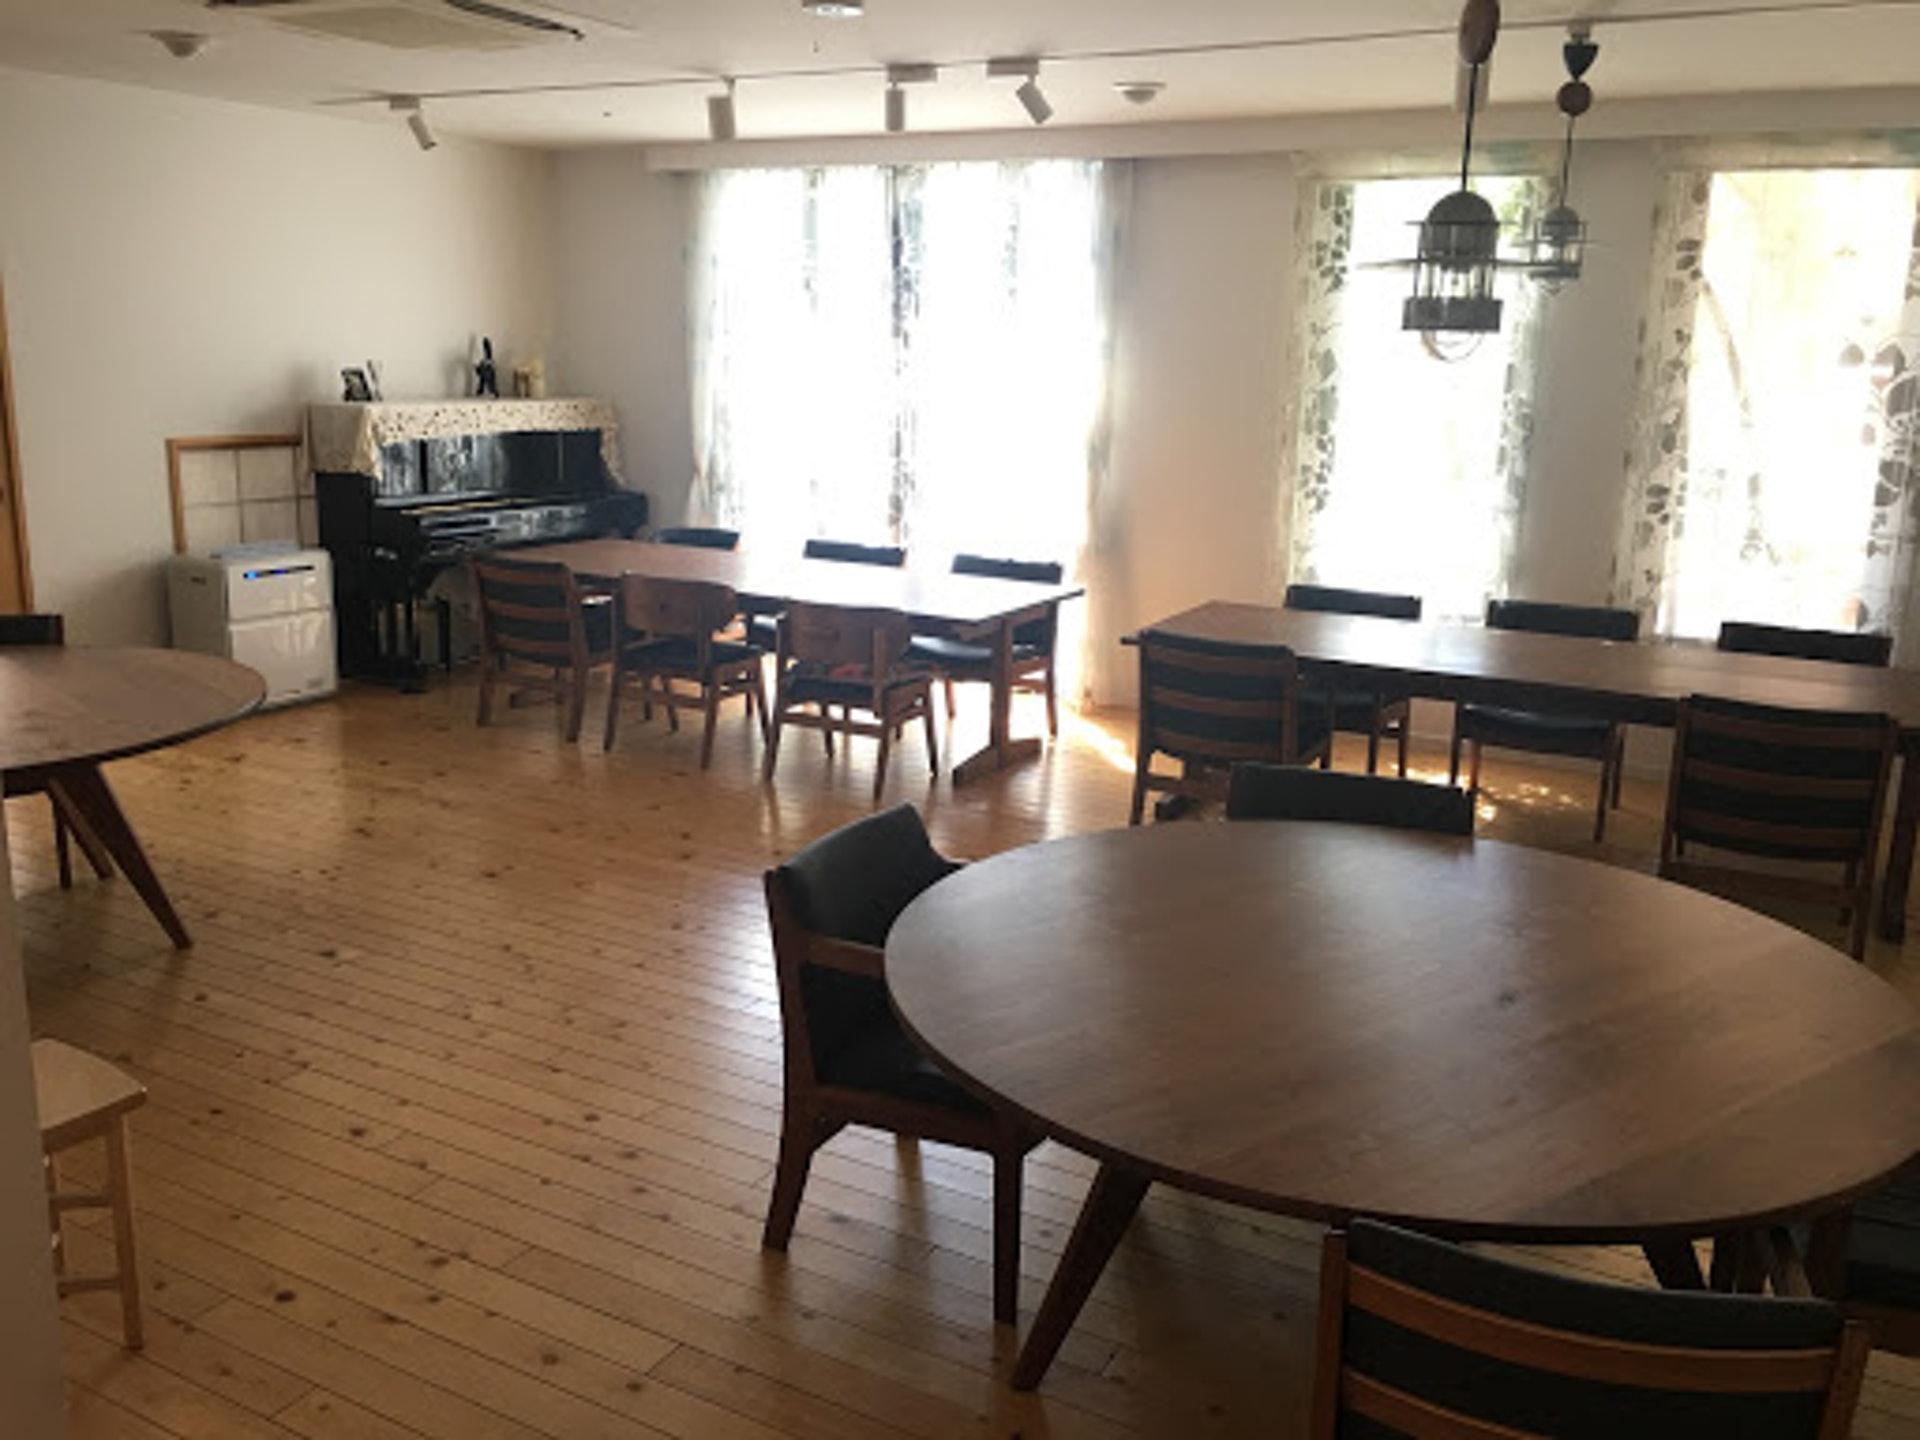 「長者住宅」的內部都是以木調為主,帶有一種家的感覺。(筆者拍攝)